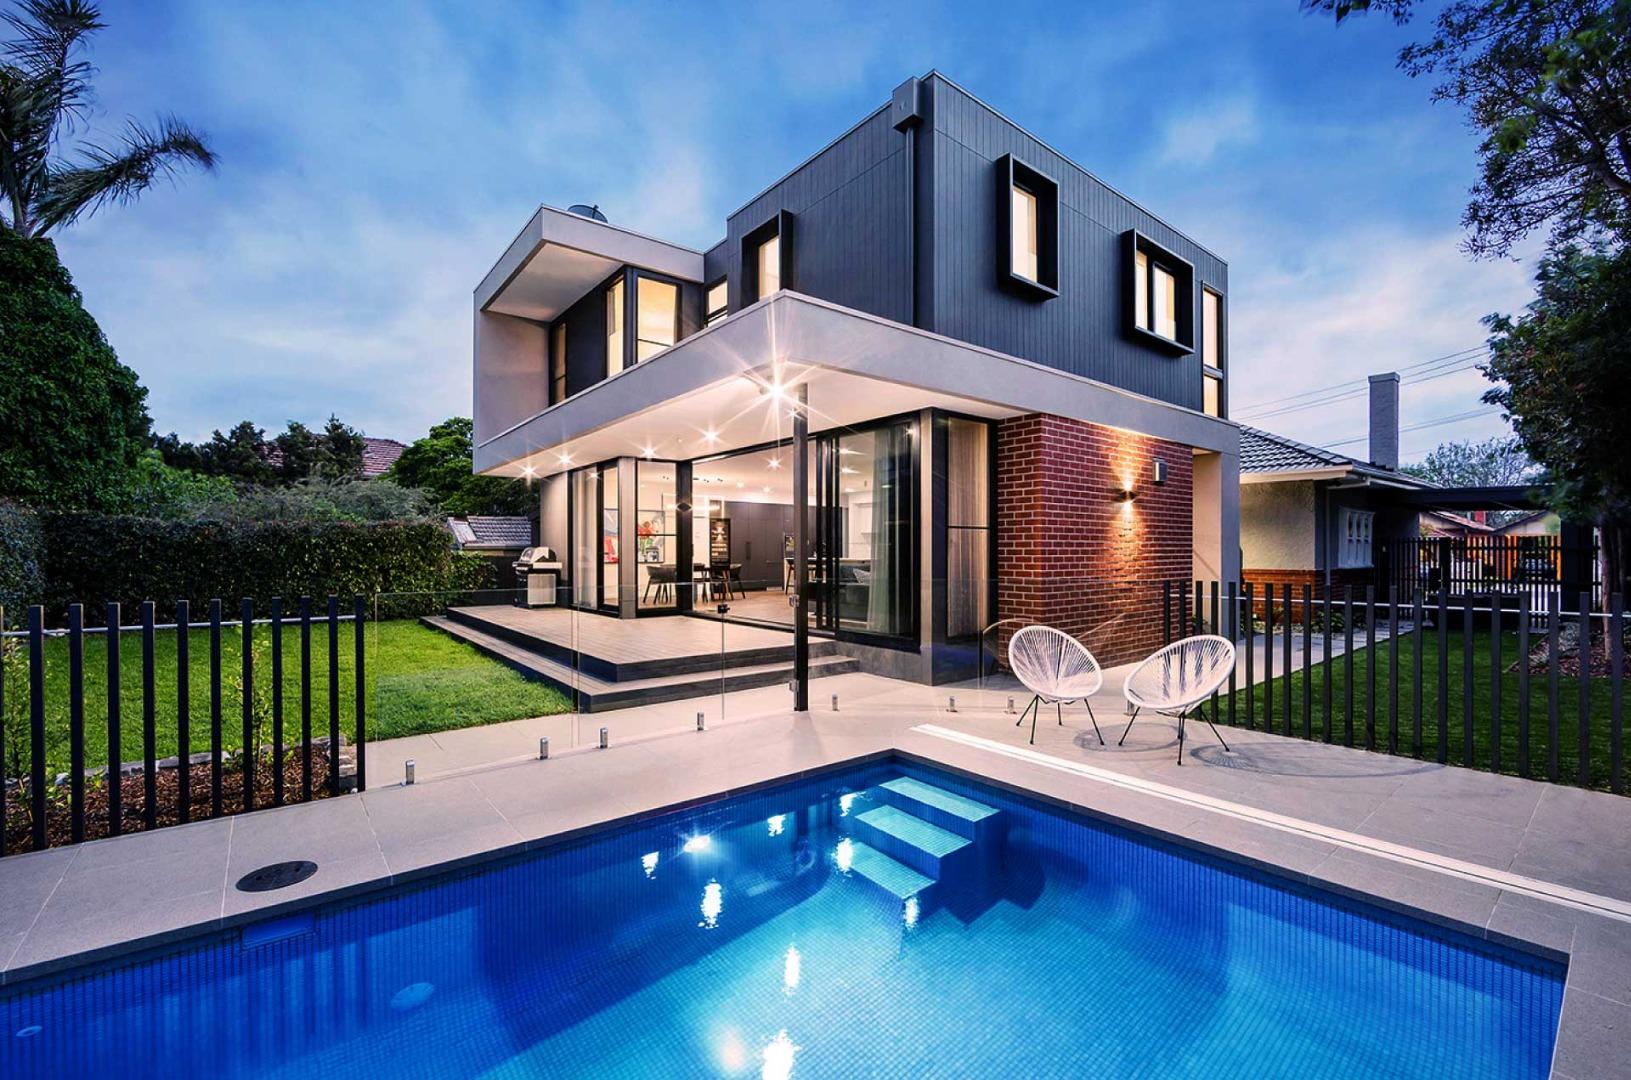 Crédito Imobiliário em até 200x sem juros